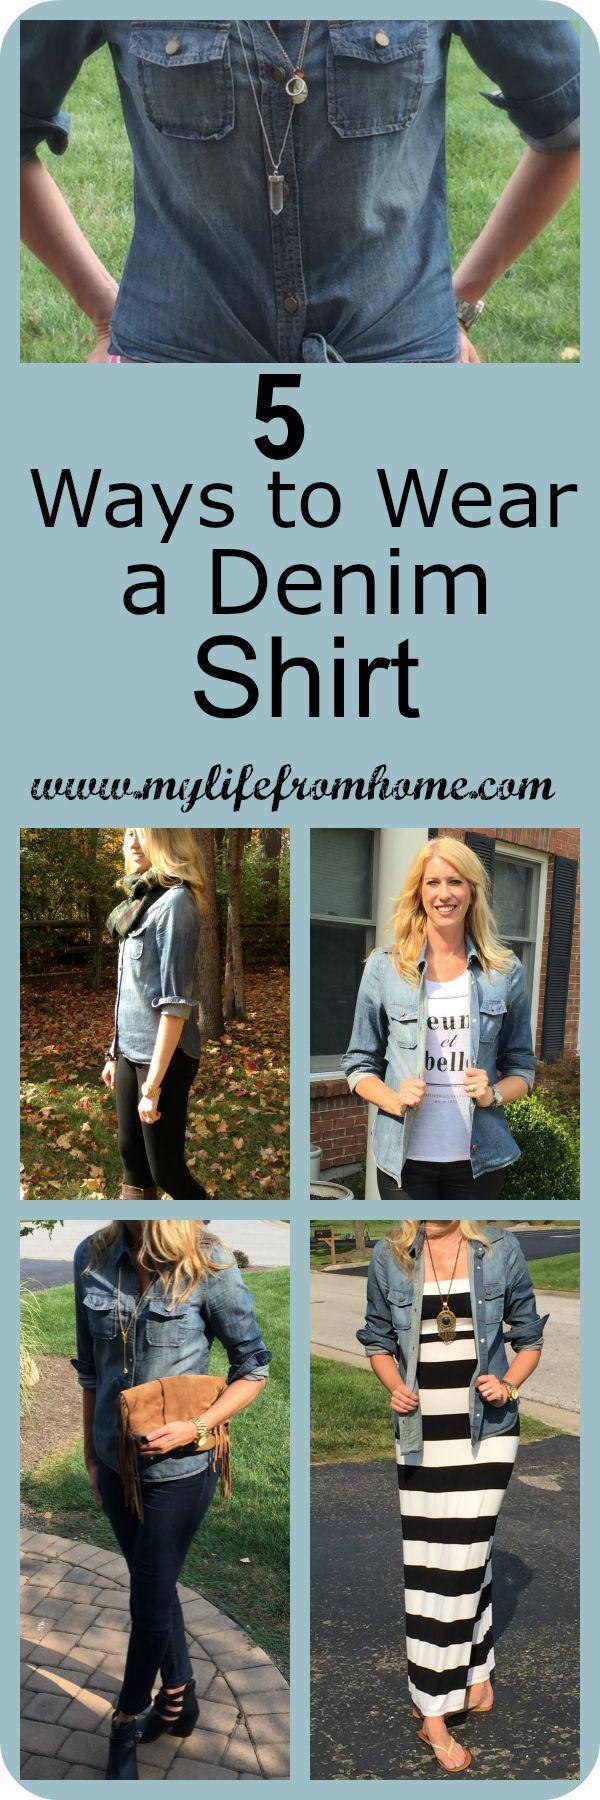 5 Ways to Wear a Denim Shirt by www.mylifefromhome.com